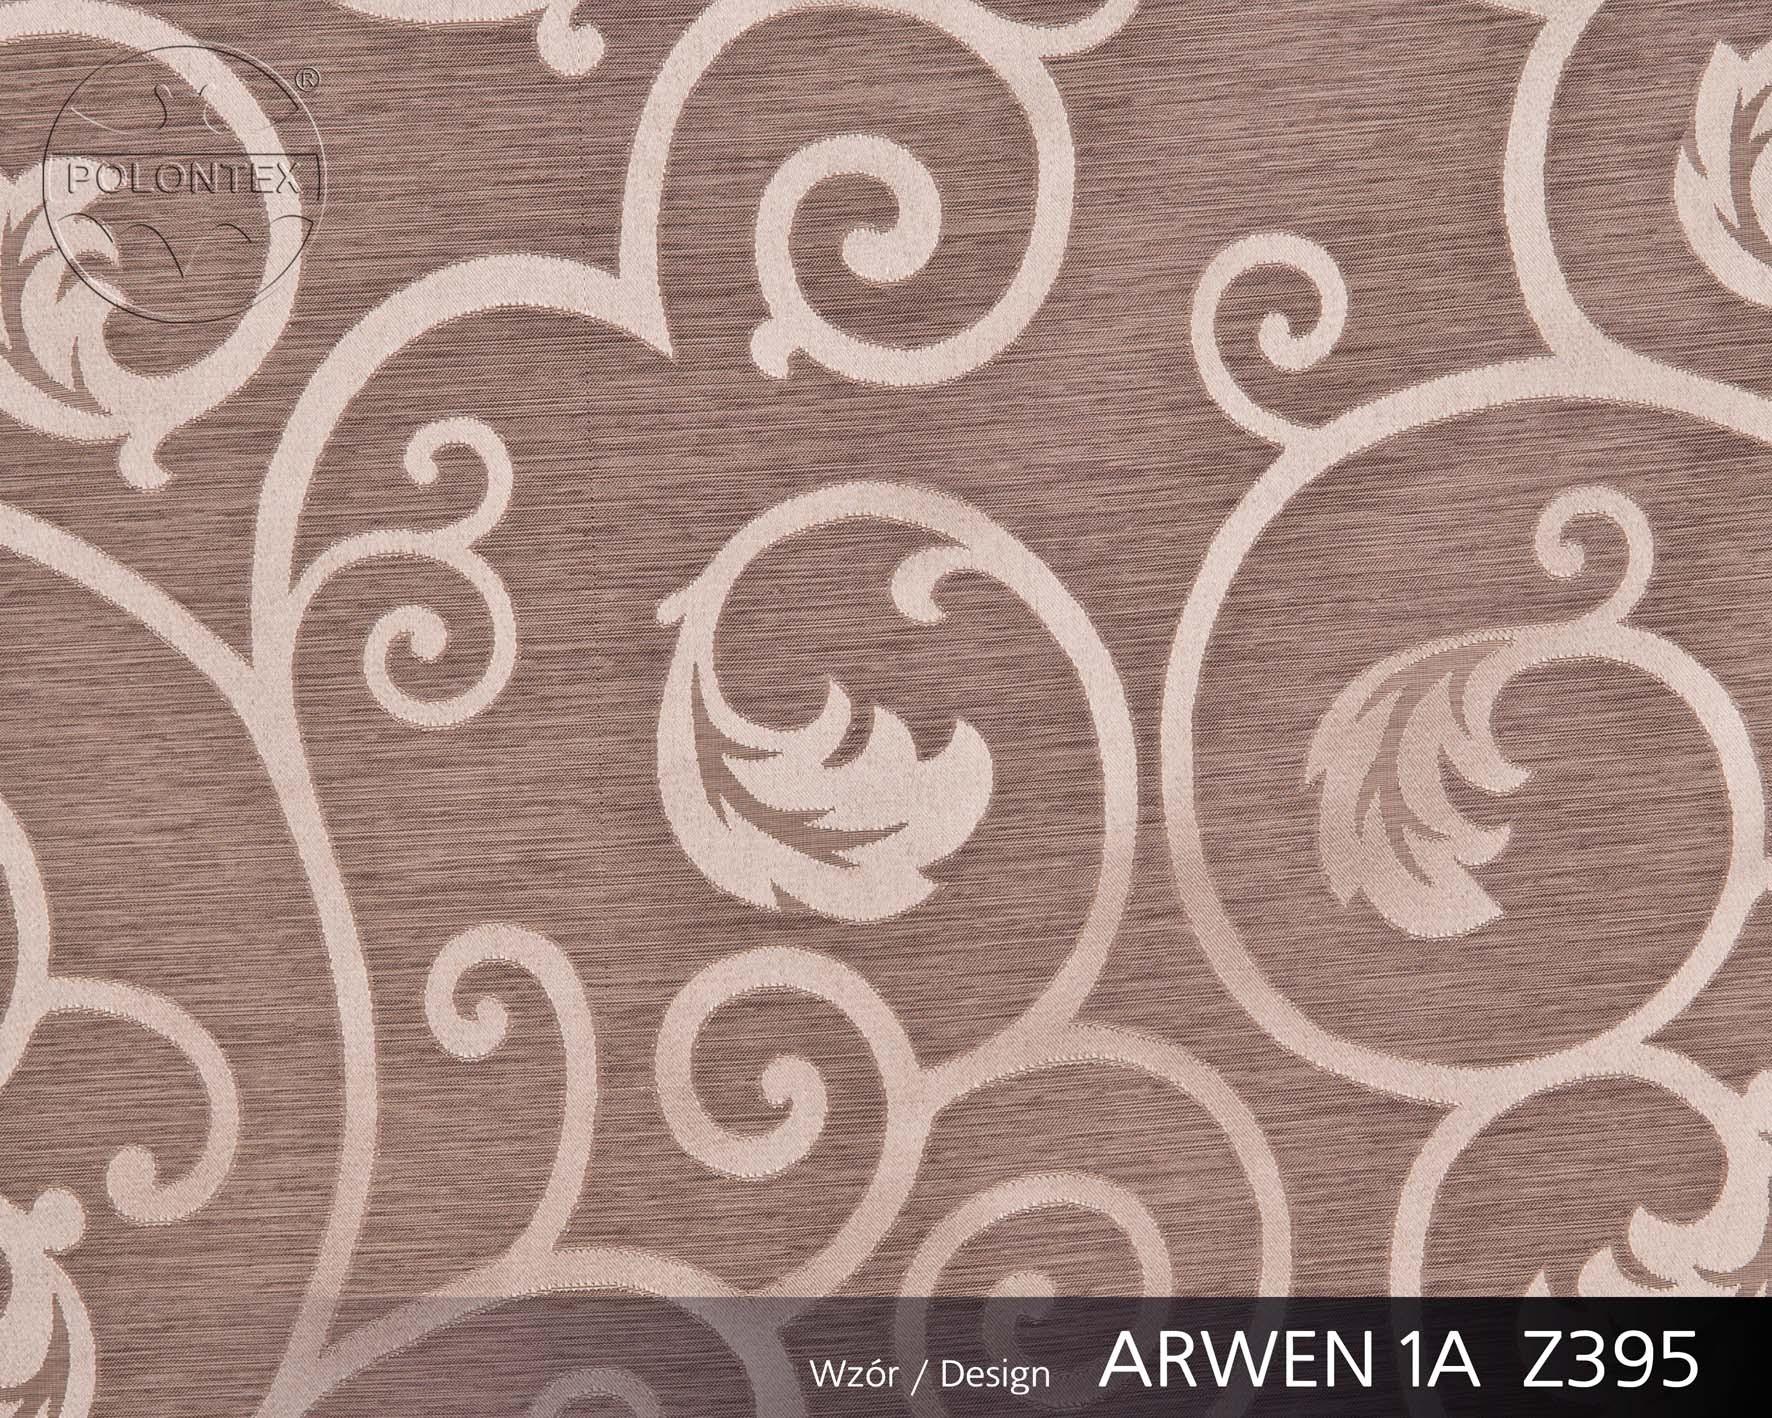 ARWEN 1A Z395